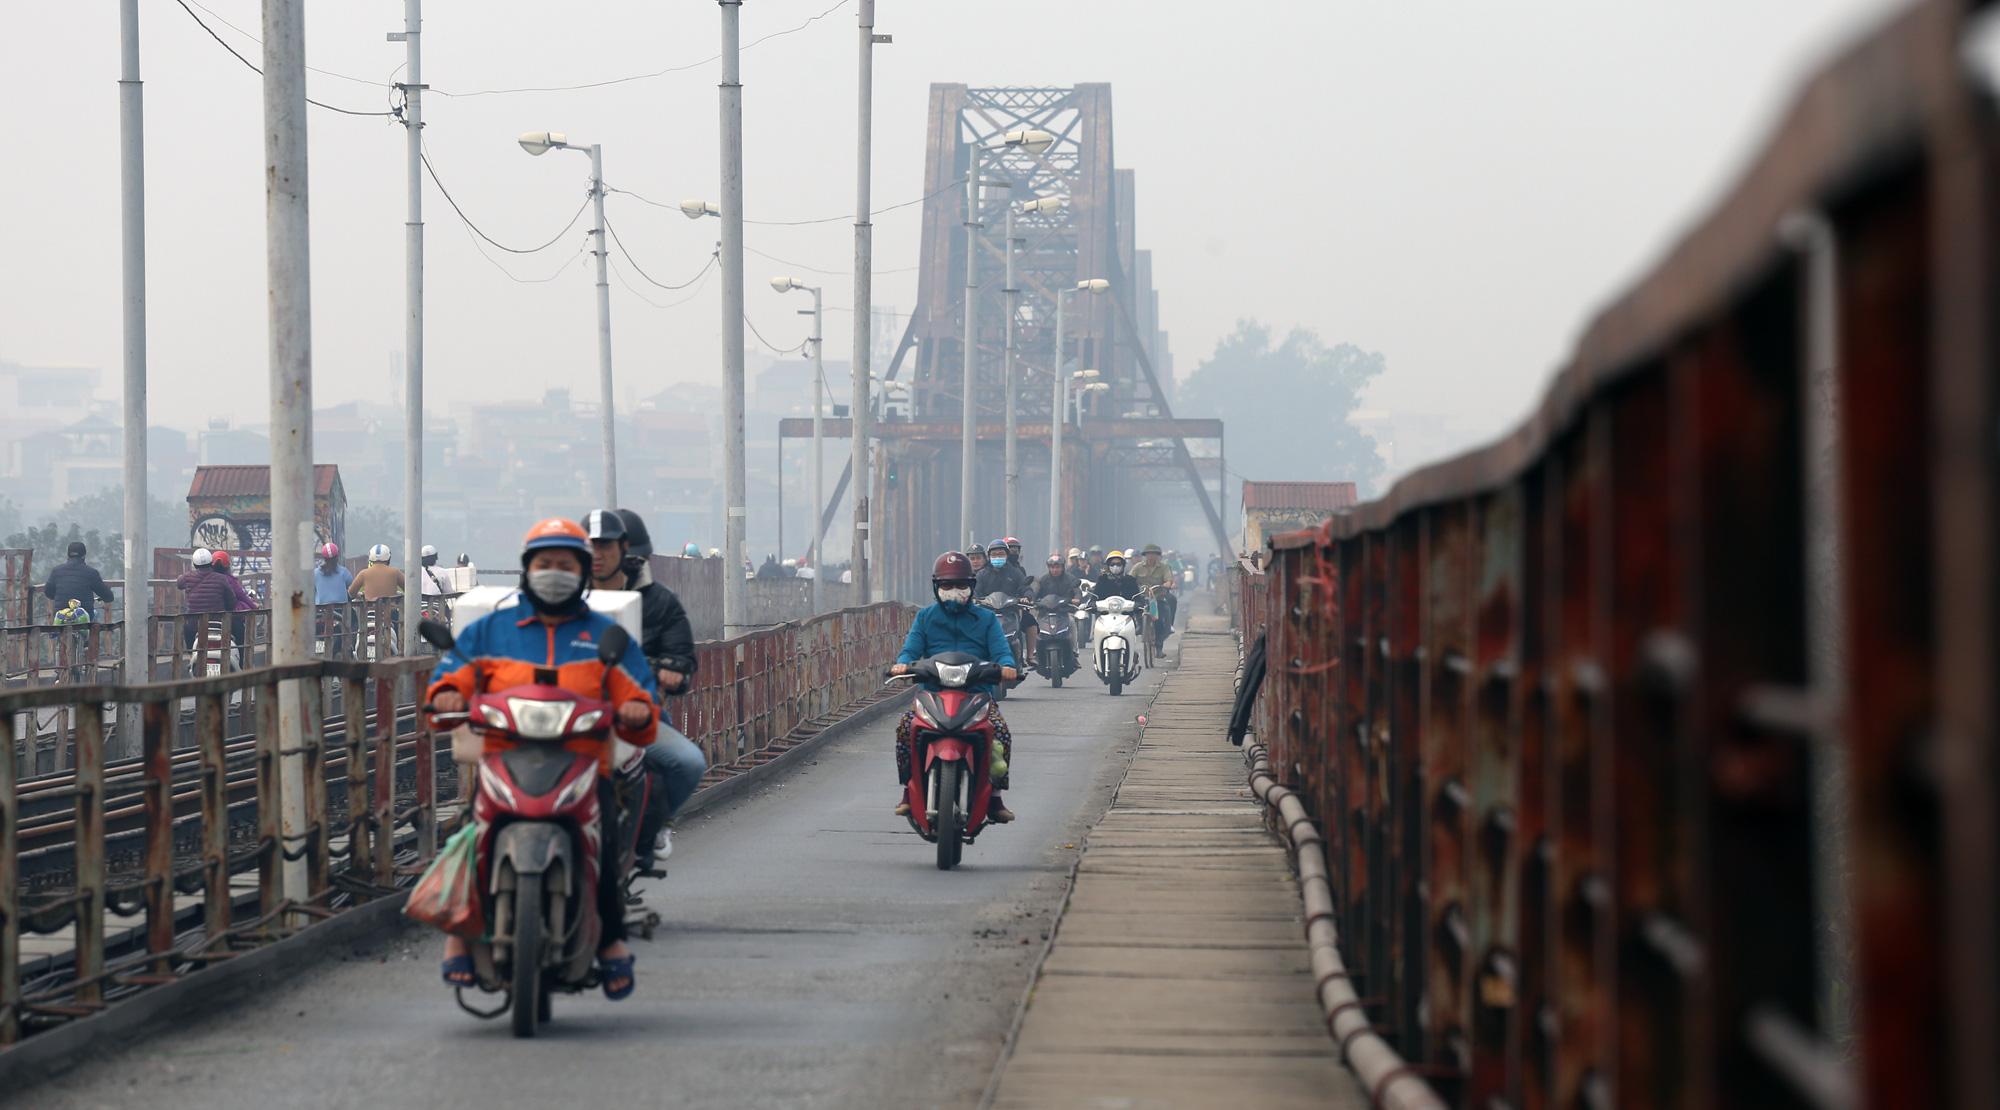 Hà Nội ô nhiễm không khí ở mức cảnh báo tím từ sáng đến chiều - Ảnh 15.